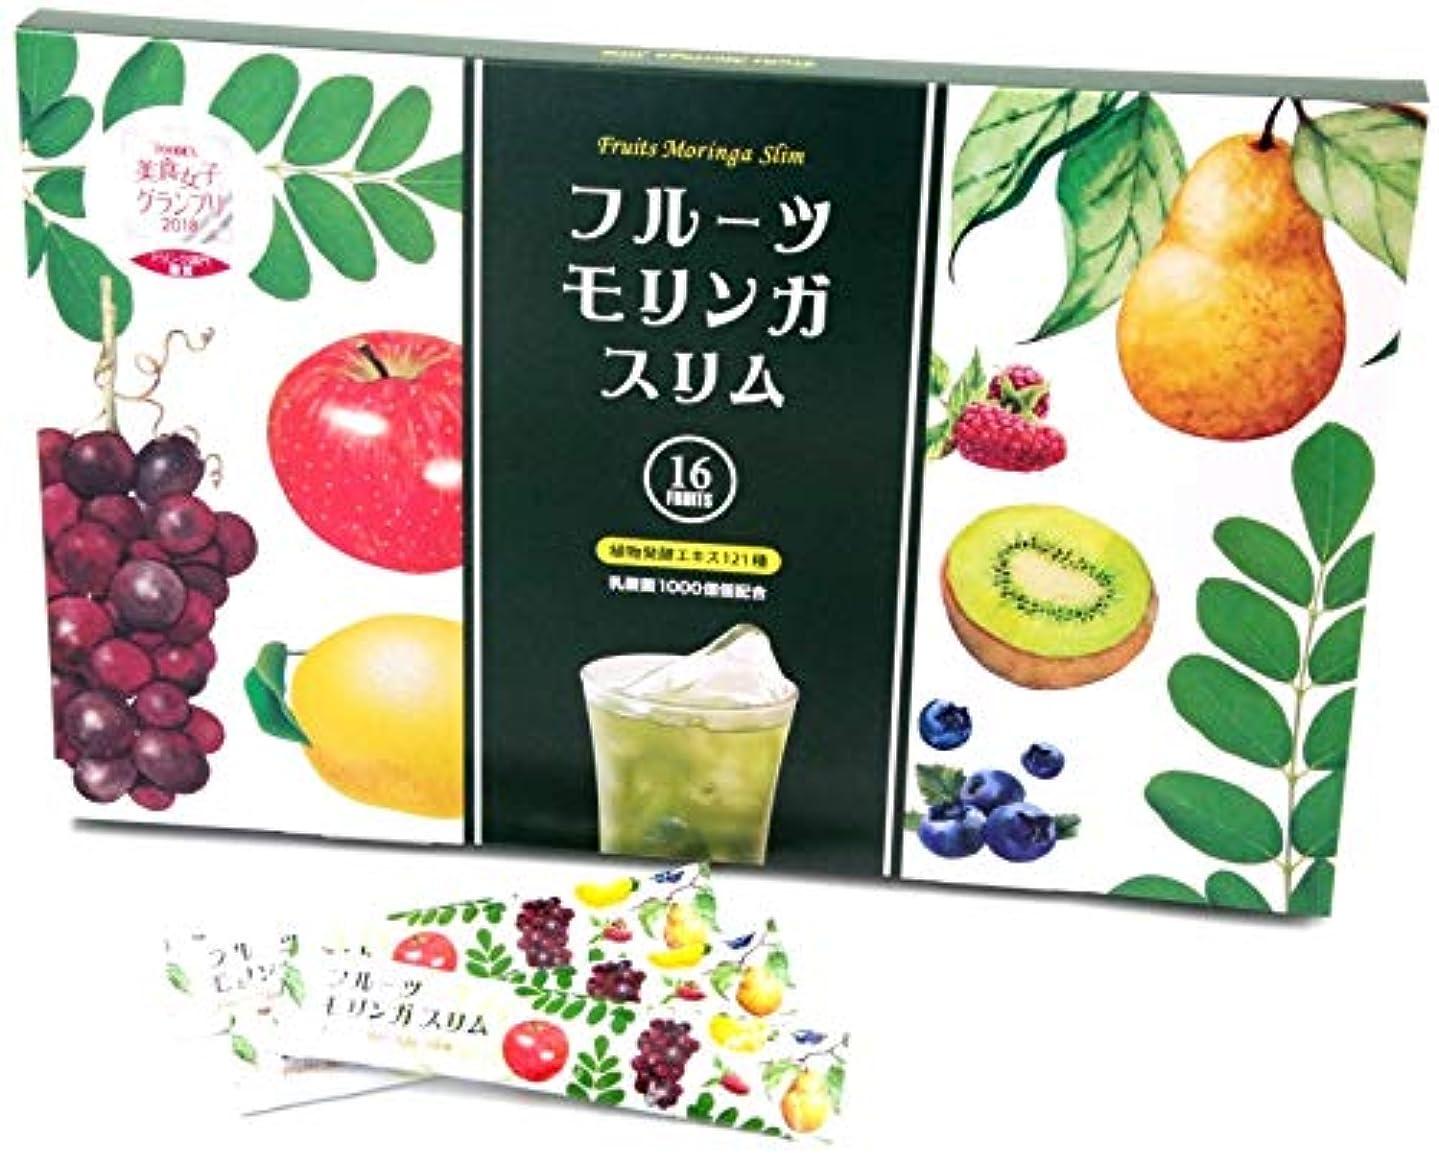 手配する入手します不道徳フルーツ モリンガ 美容 健康 栄養 食習慣 ボディメイク 国産品 (1箱/3g×30包)